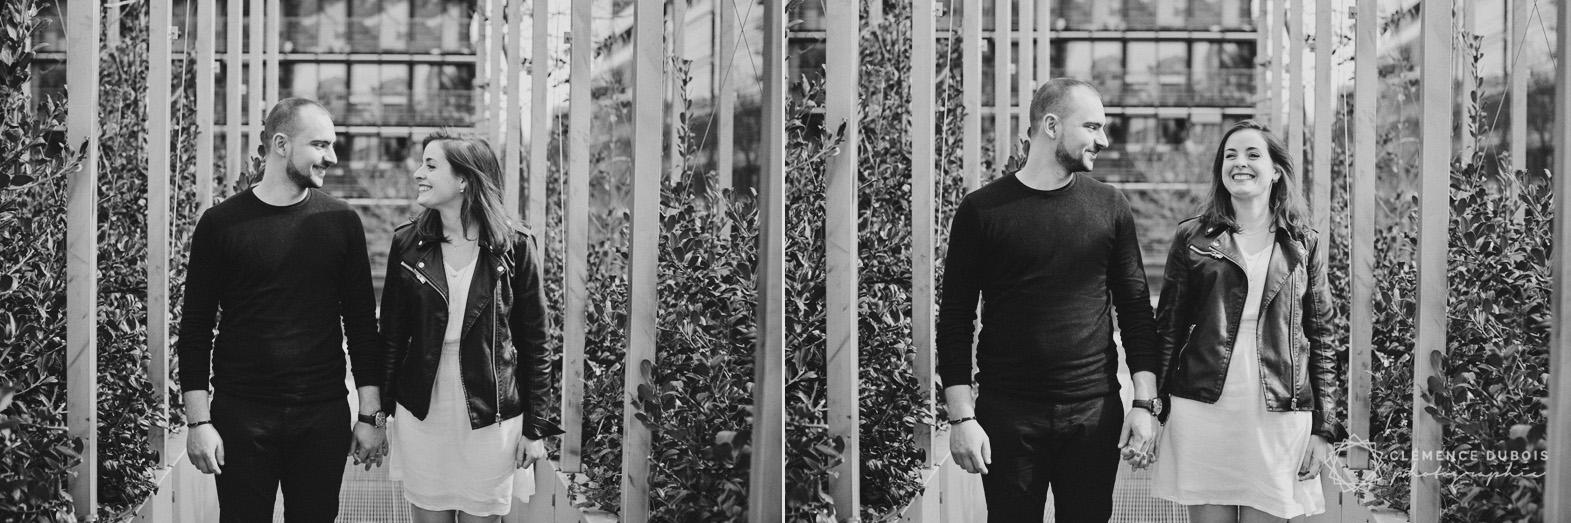 diptyque noir et blanc, couple se regarde sur le parvis de la bnf à Paris